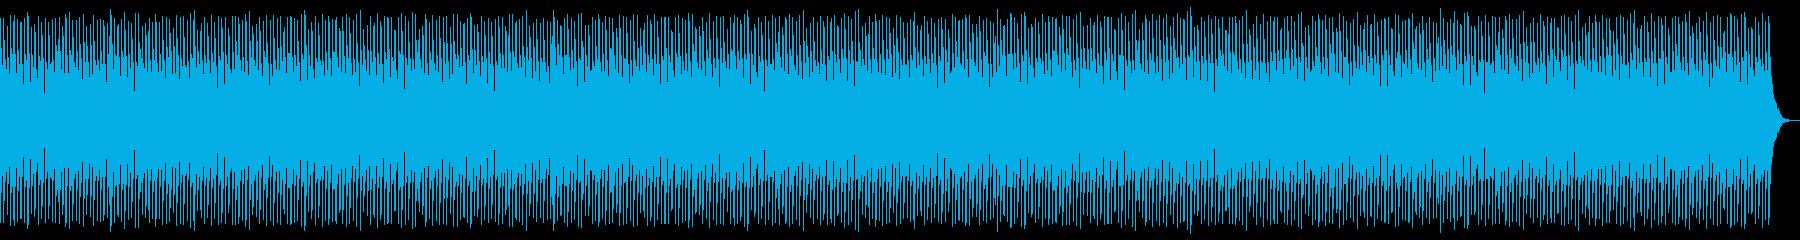 ギターなしの再生済みの波形